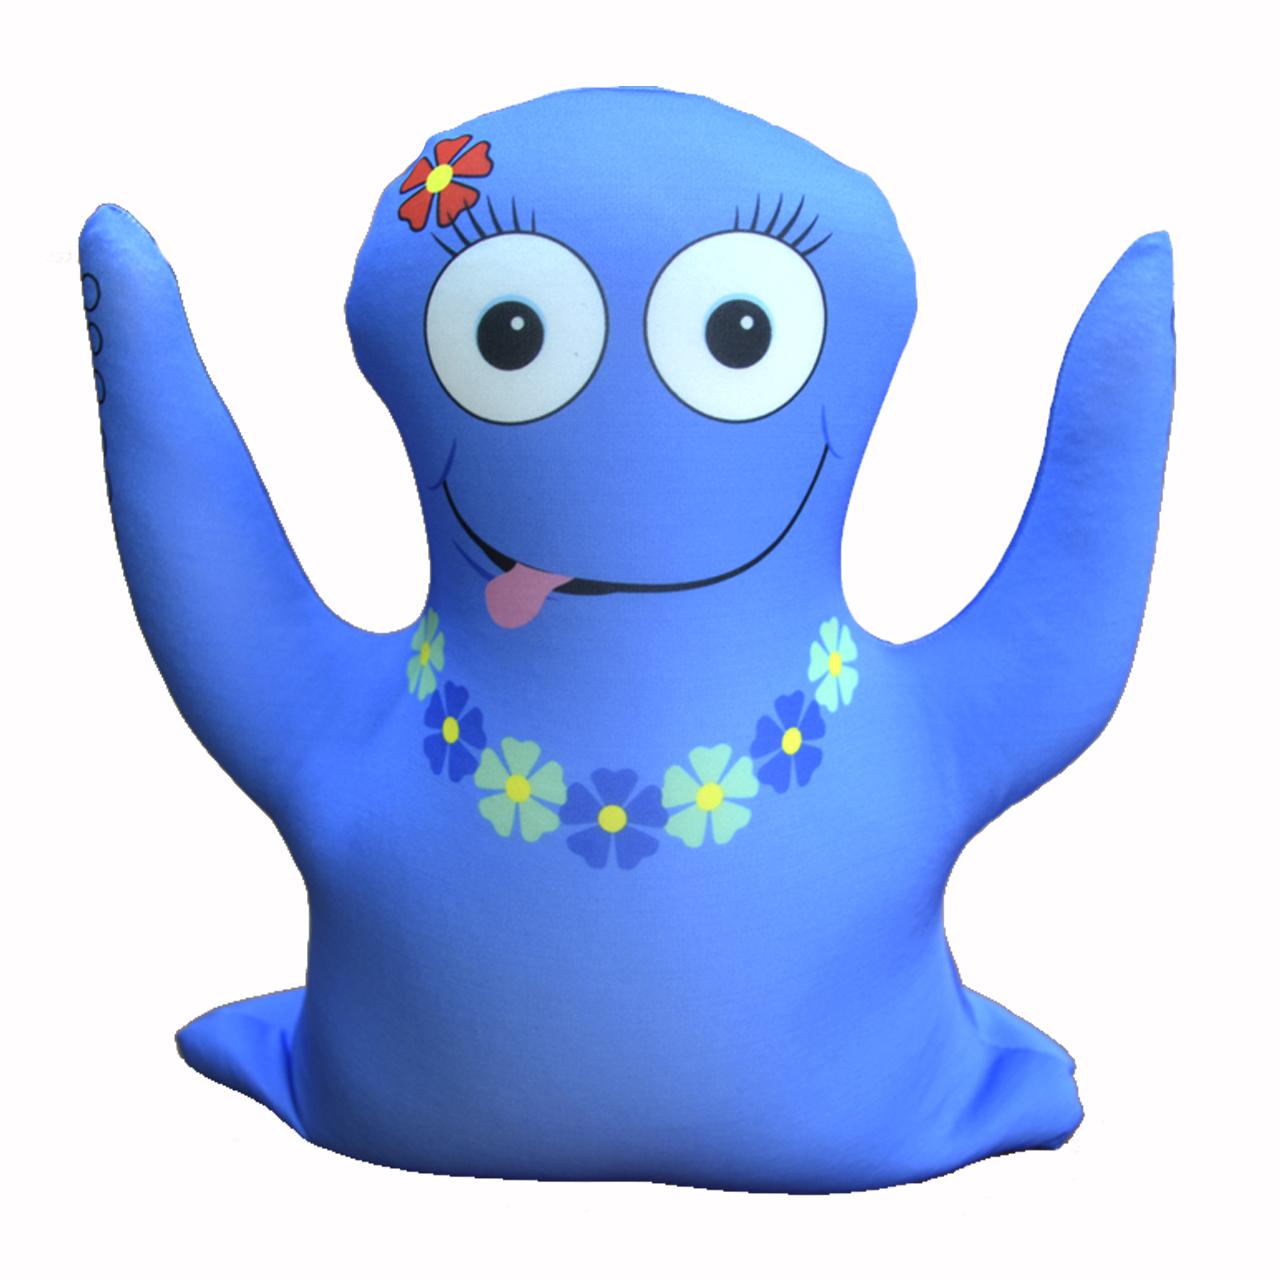 Осьминожка голубаяПодарки к 14 февраля<br><br>